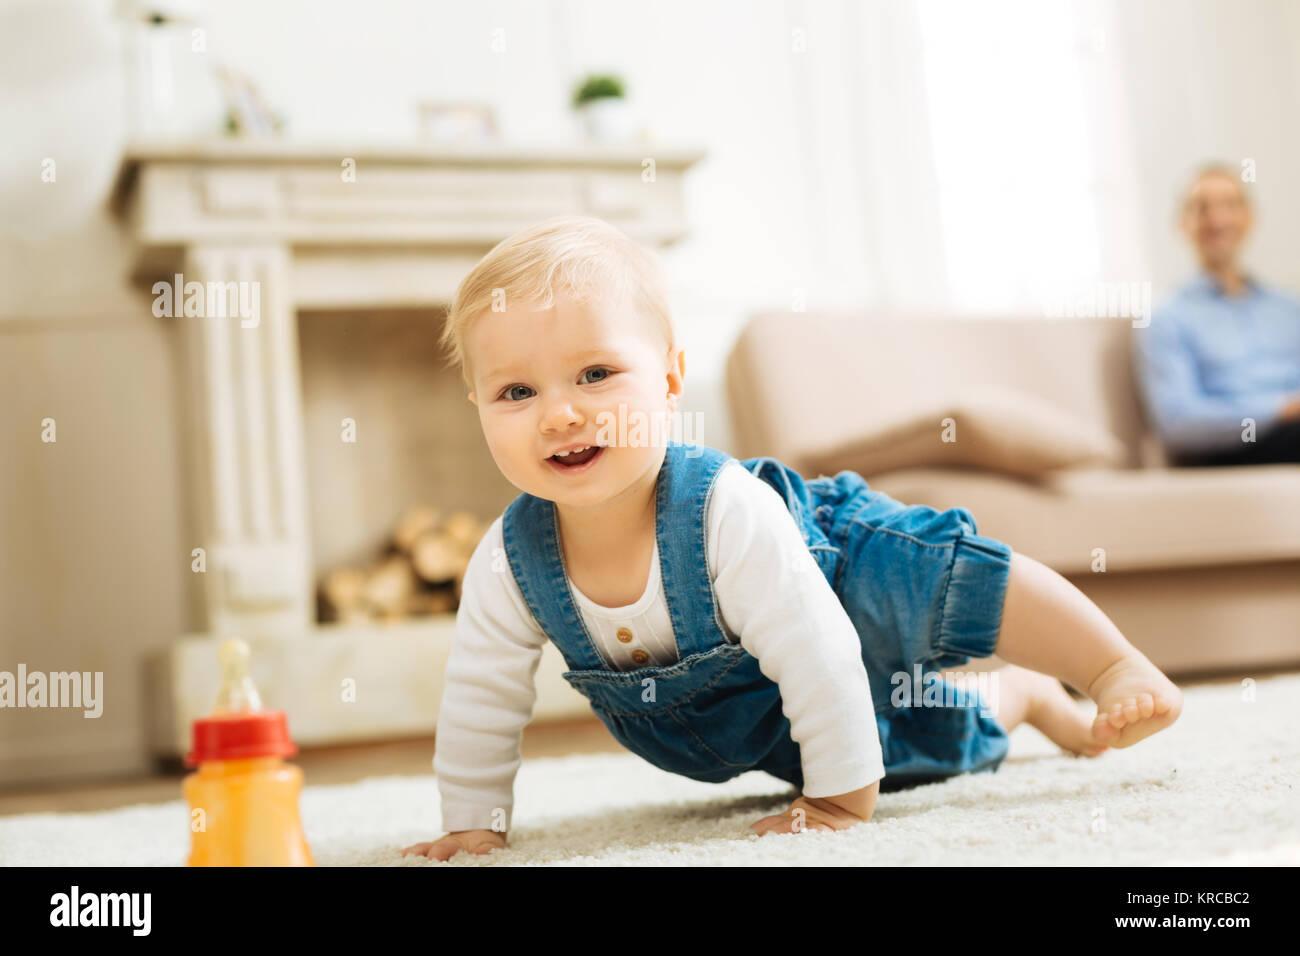 Positivo bambino bello cercando felice durante la riproduzione sul tappeto Immagini Stock